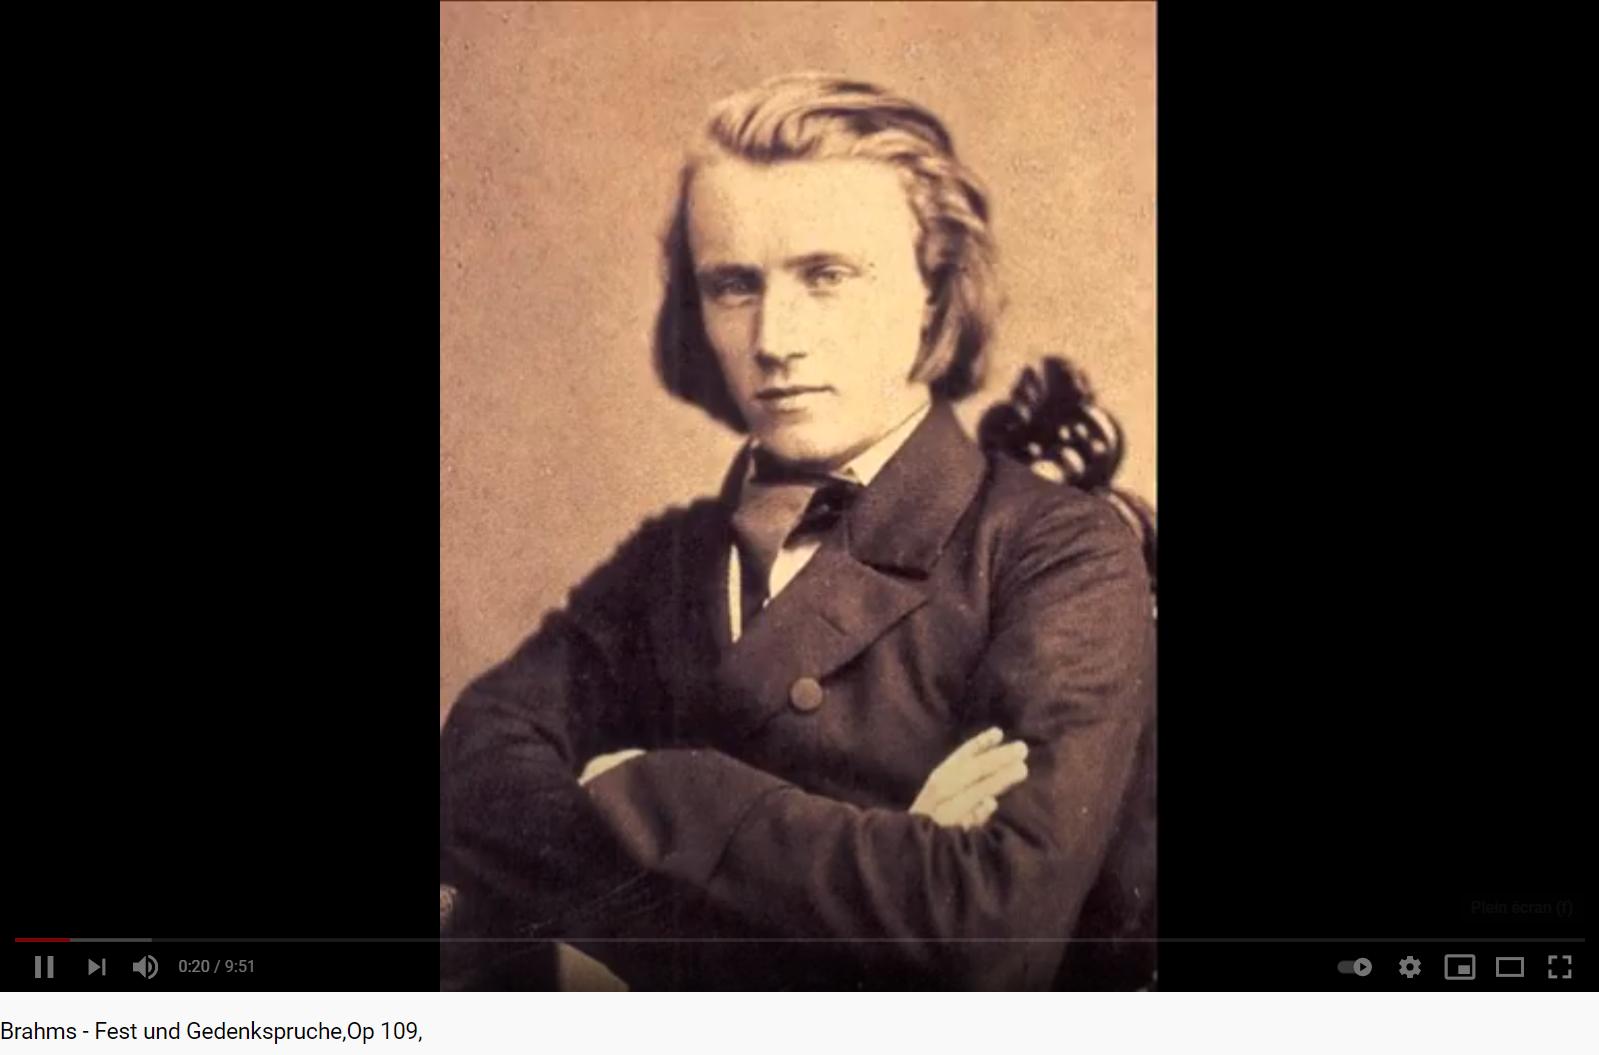 Brahms Fest und Gedenkspruche opus 109